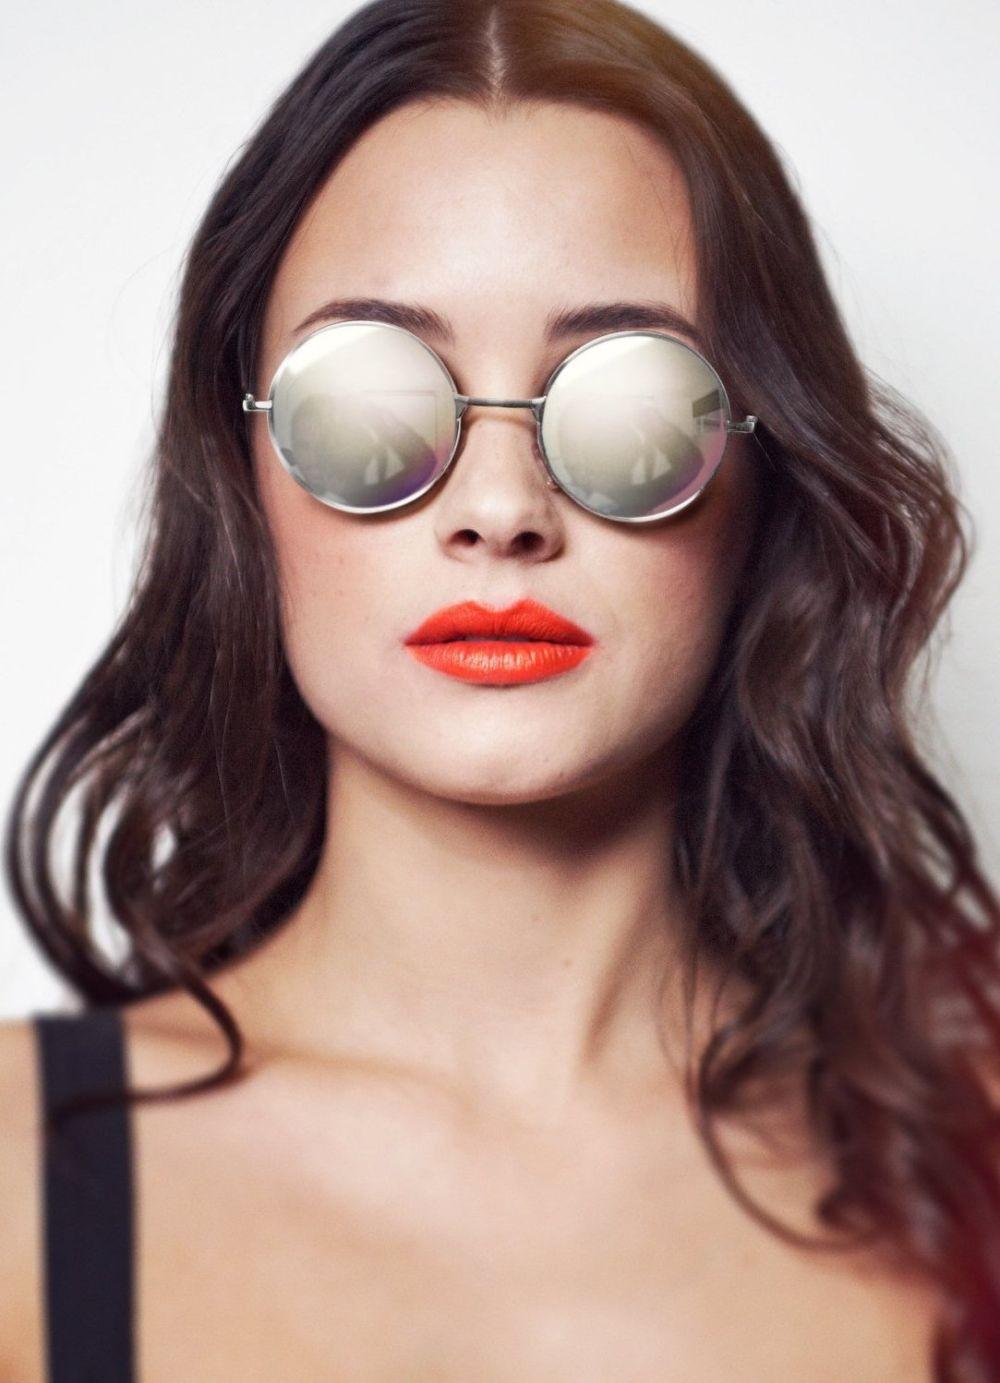 модные солнечные очки 2018 2019 женские: ленноны серо-матовые